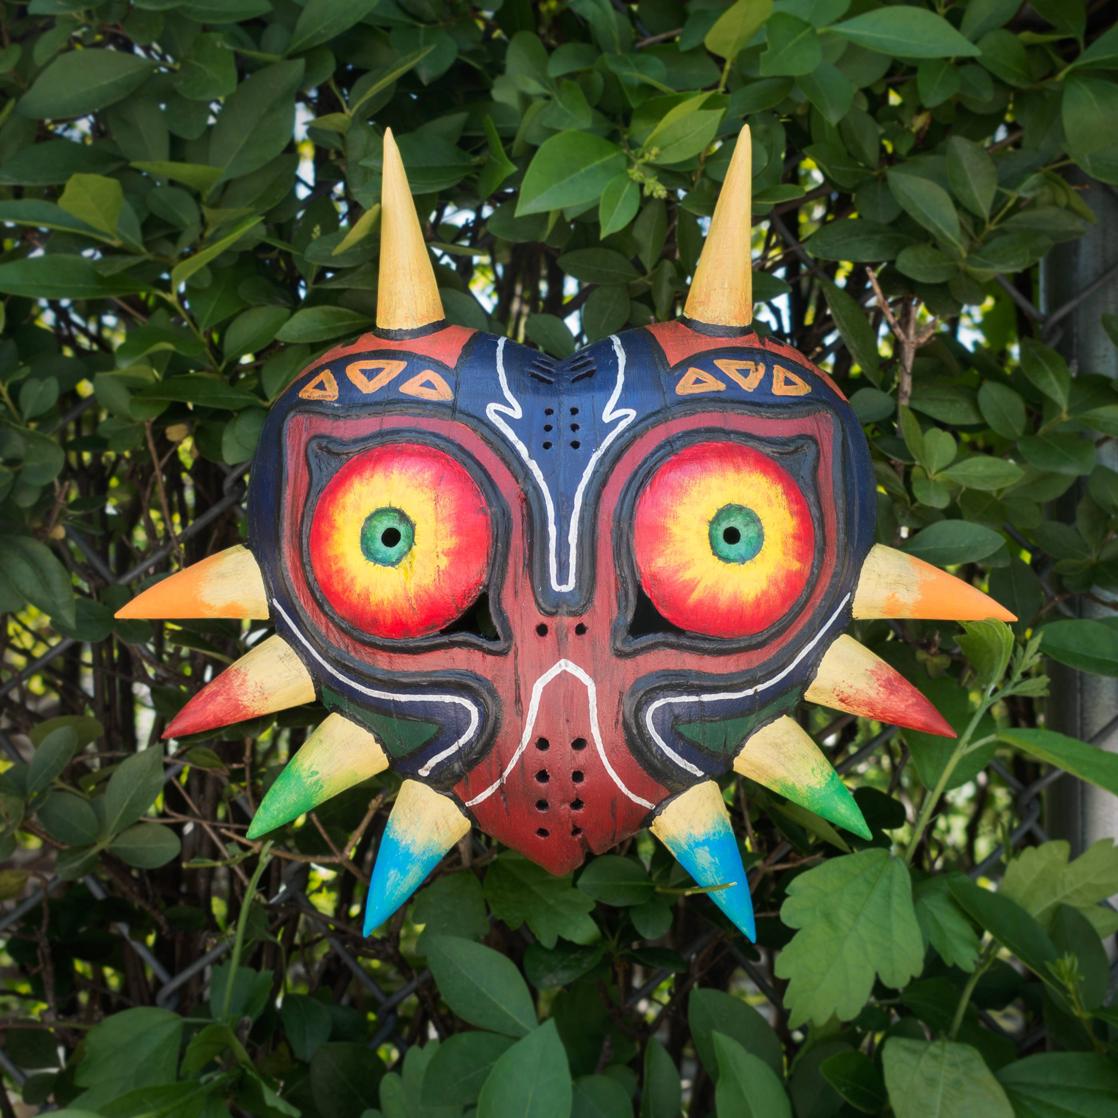 3D Printed Majora's Mask